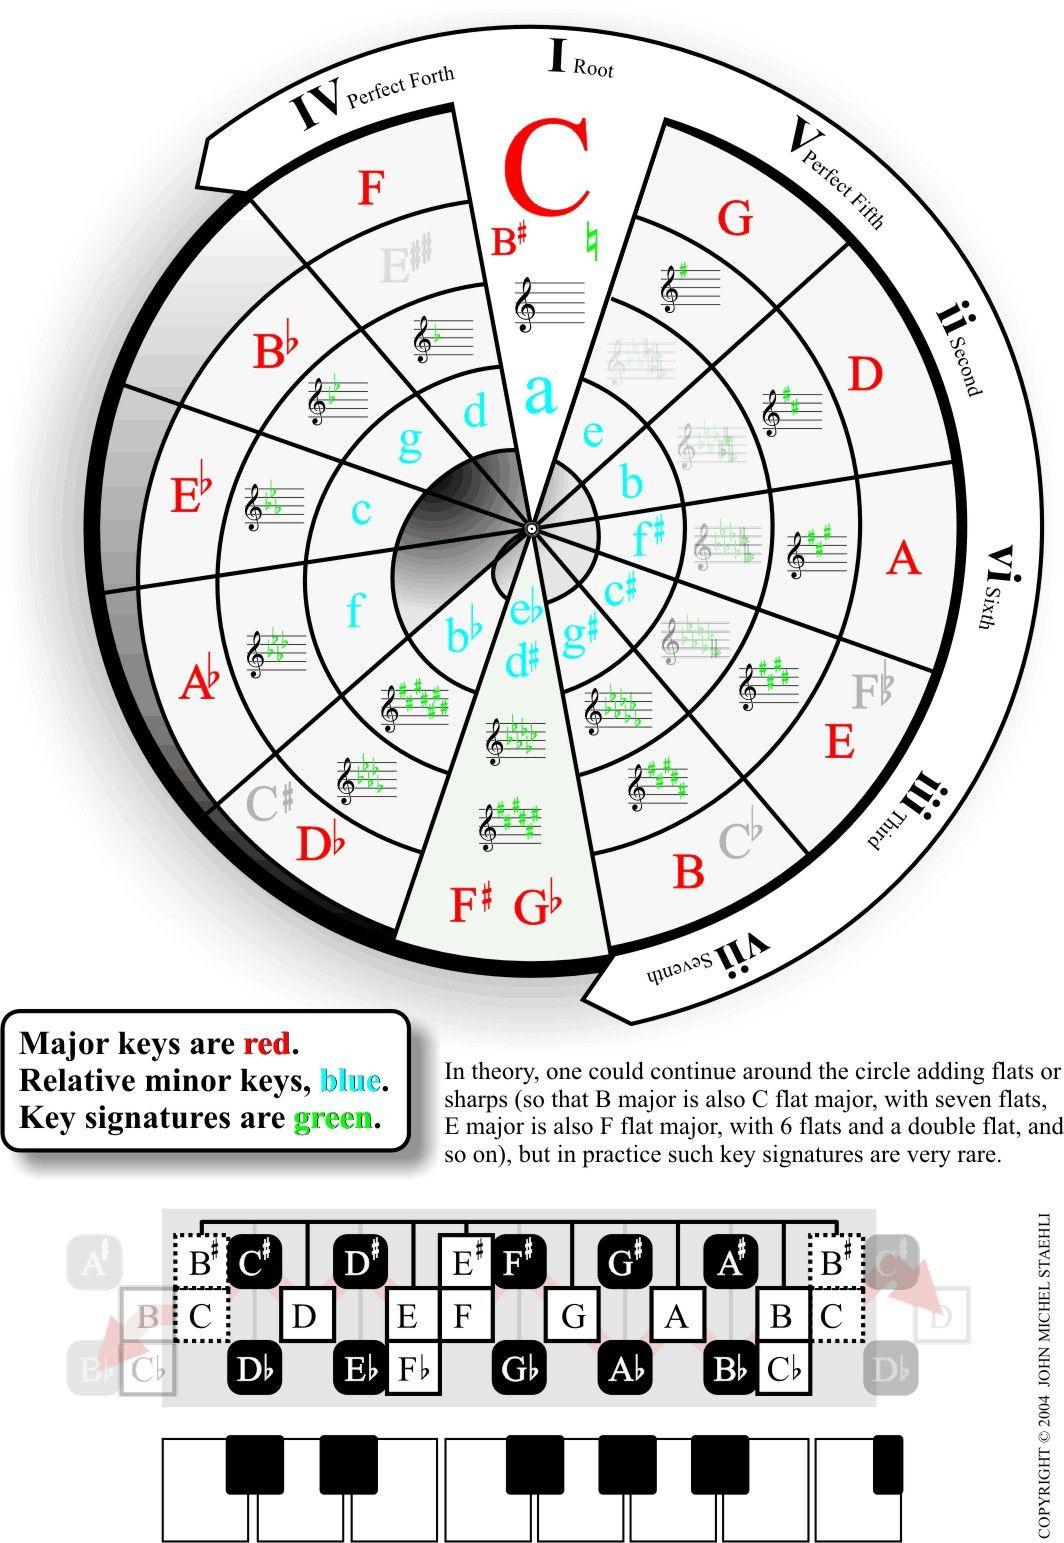 circle of fifths jpg  1064 u00d71543